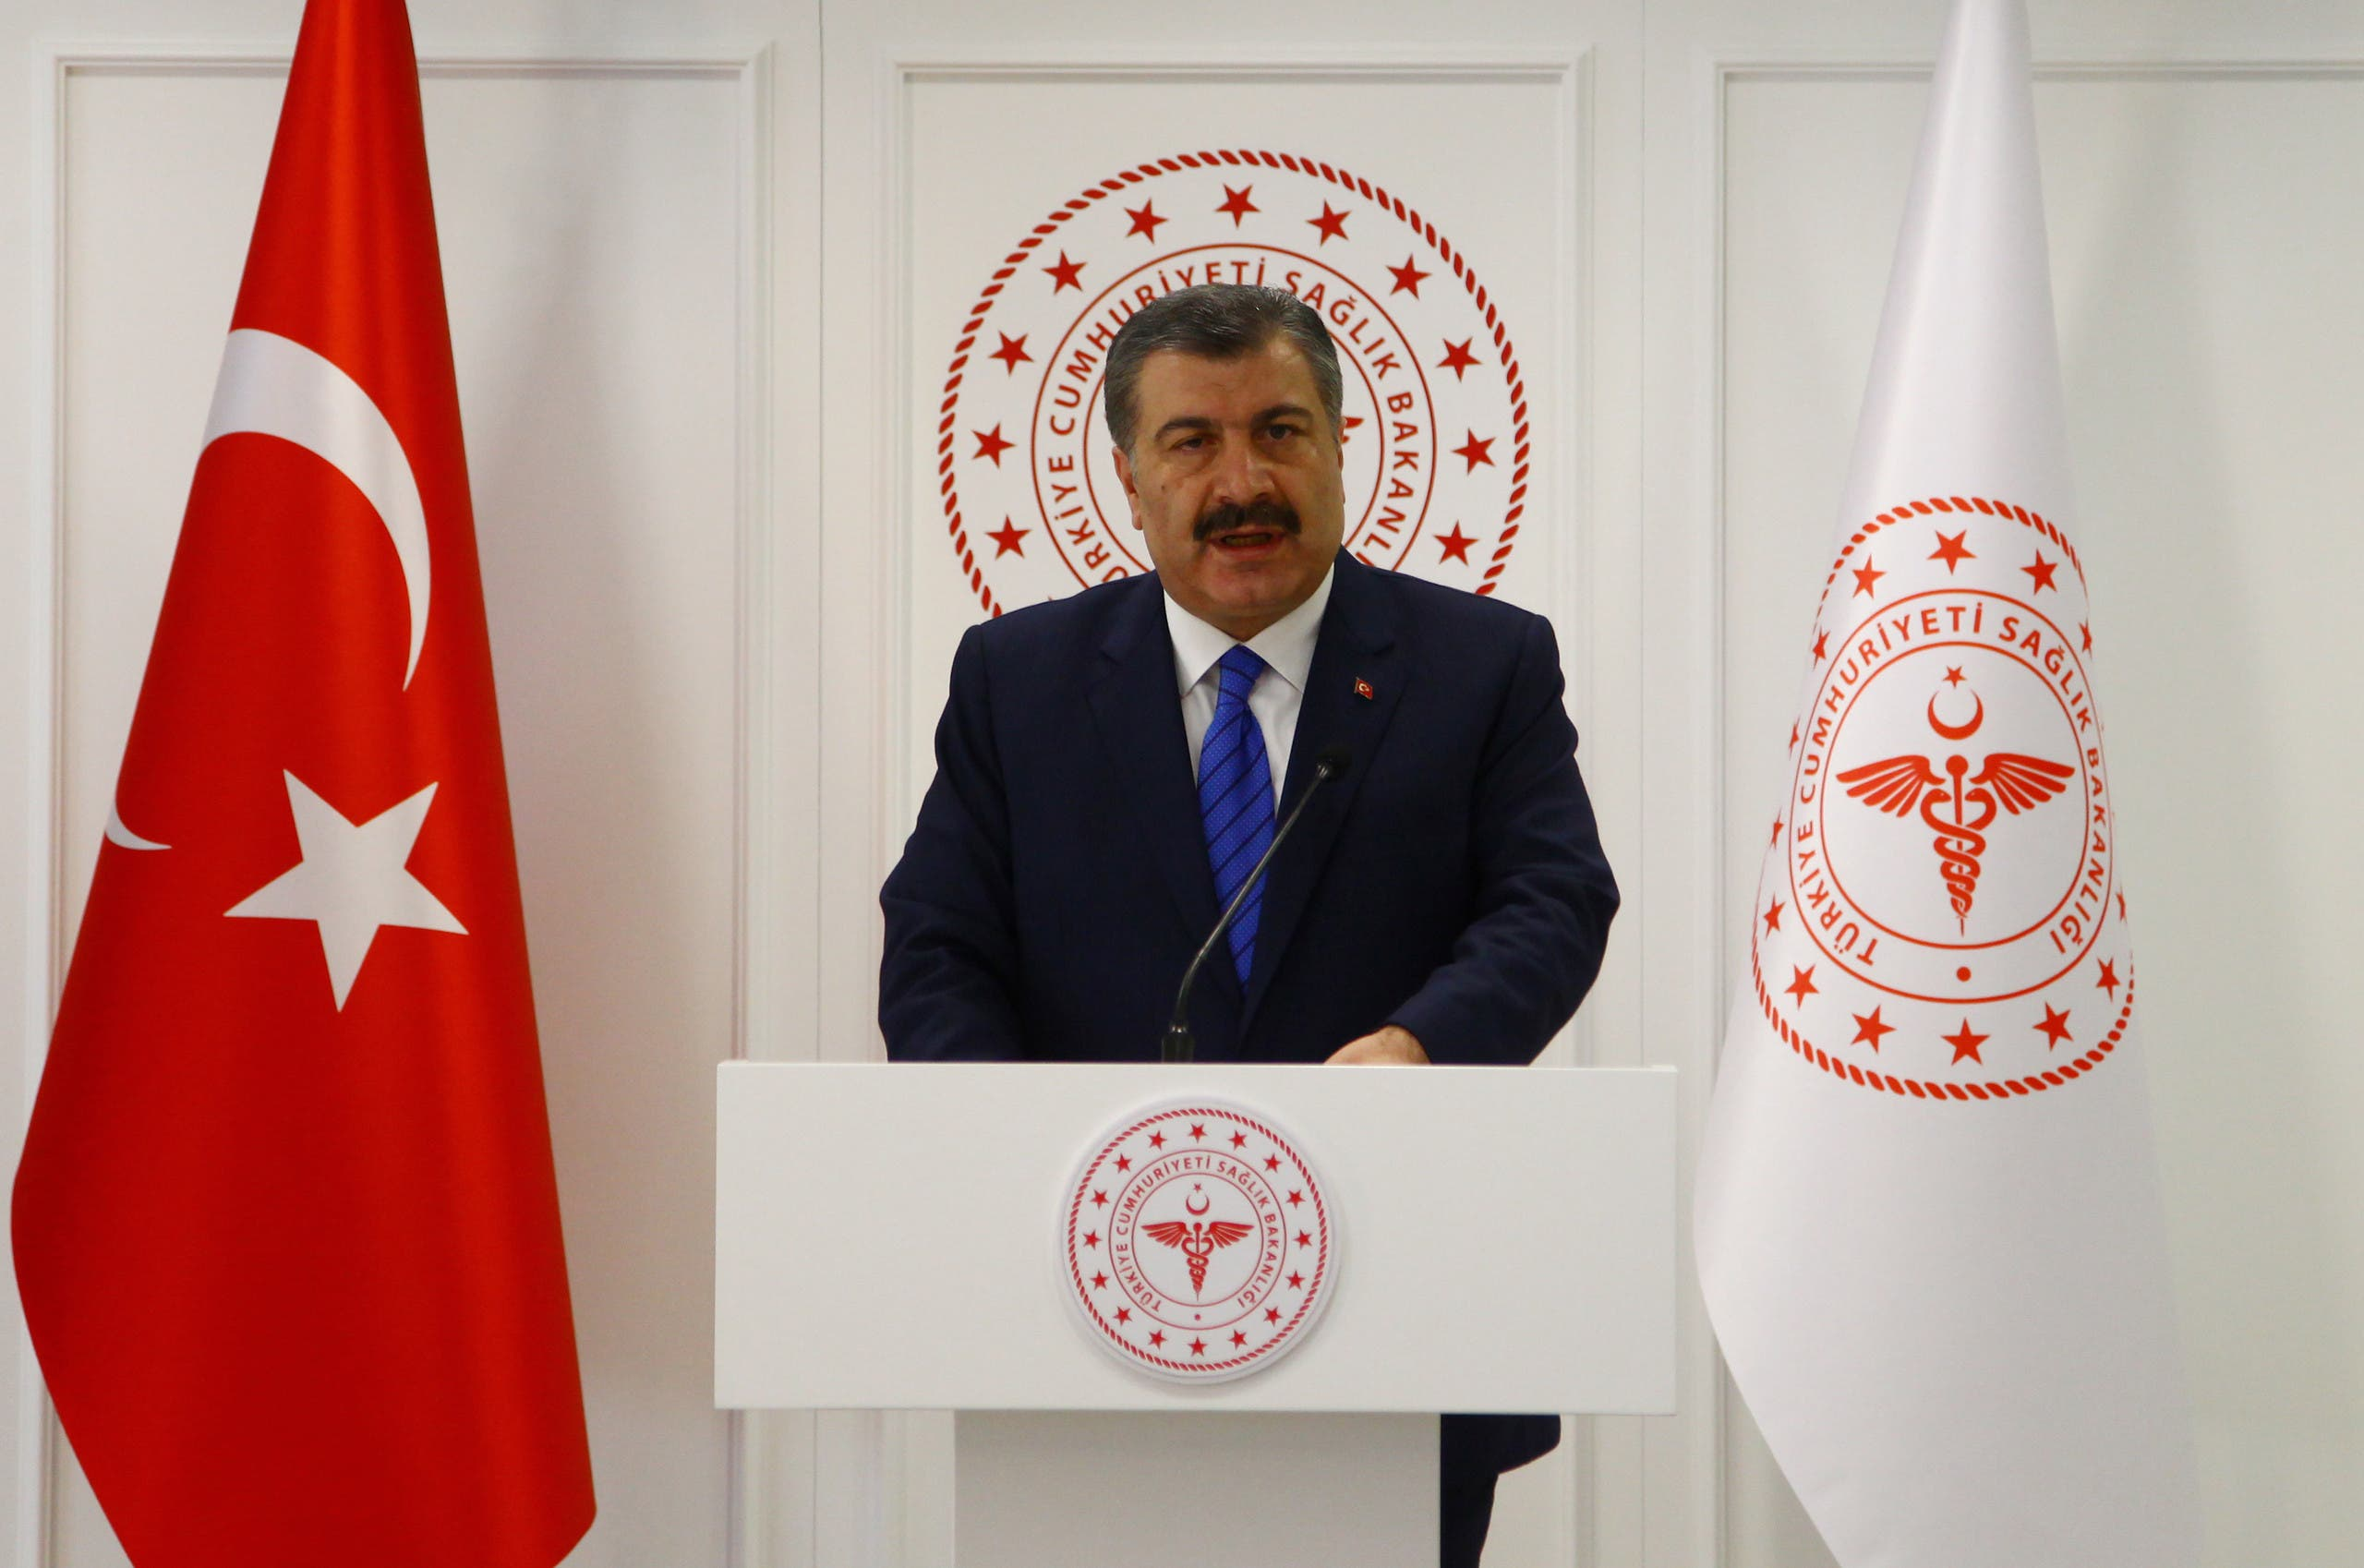 وزير الصحة التركي فخرالدين قوجا